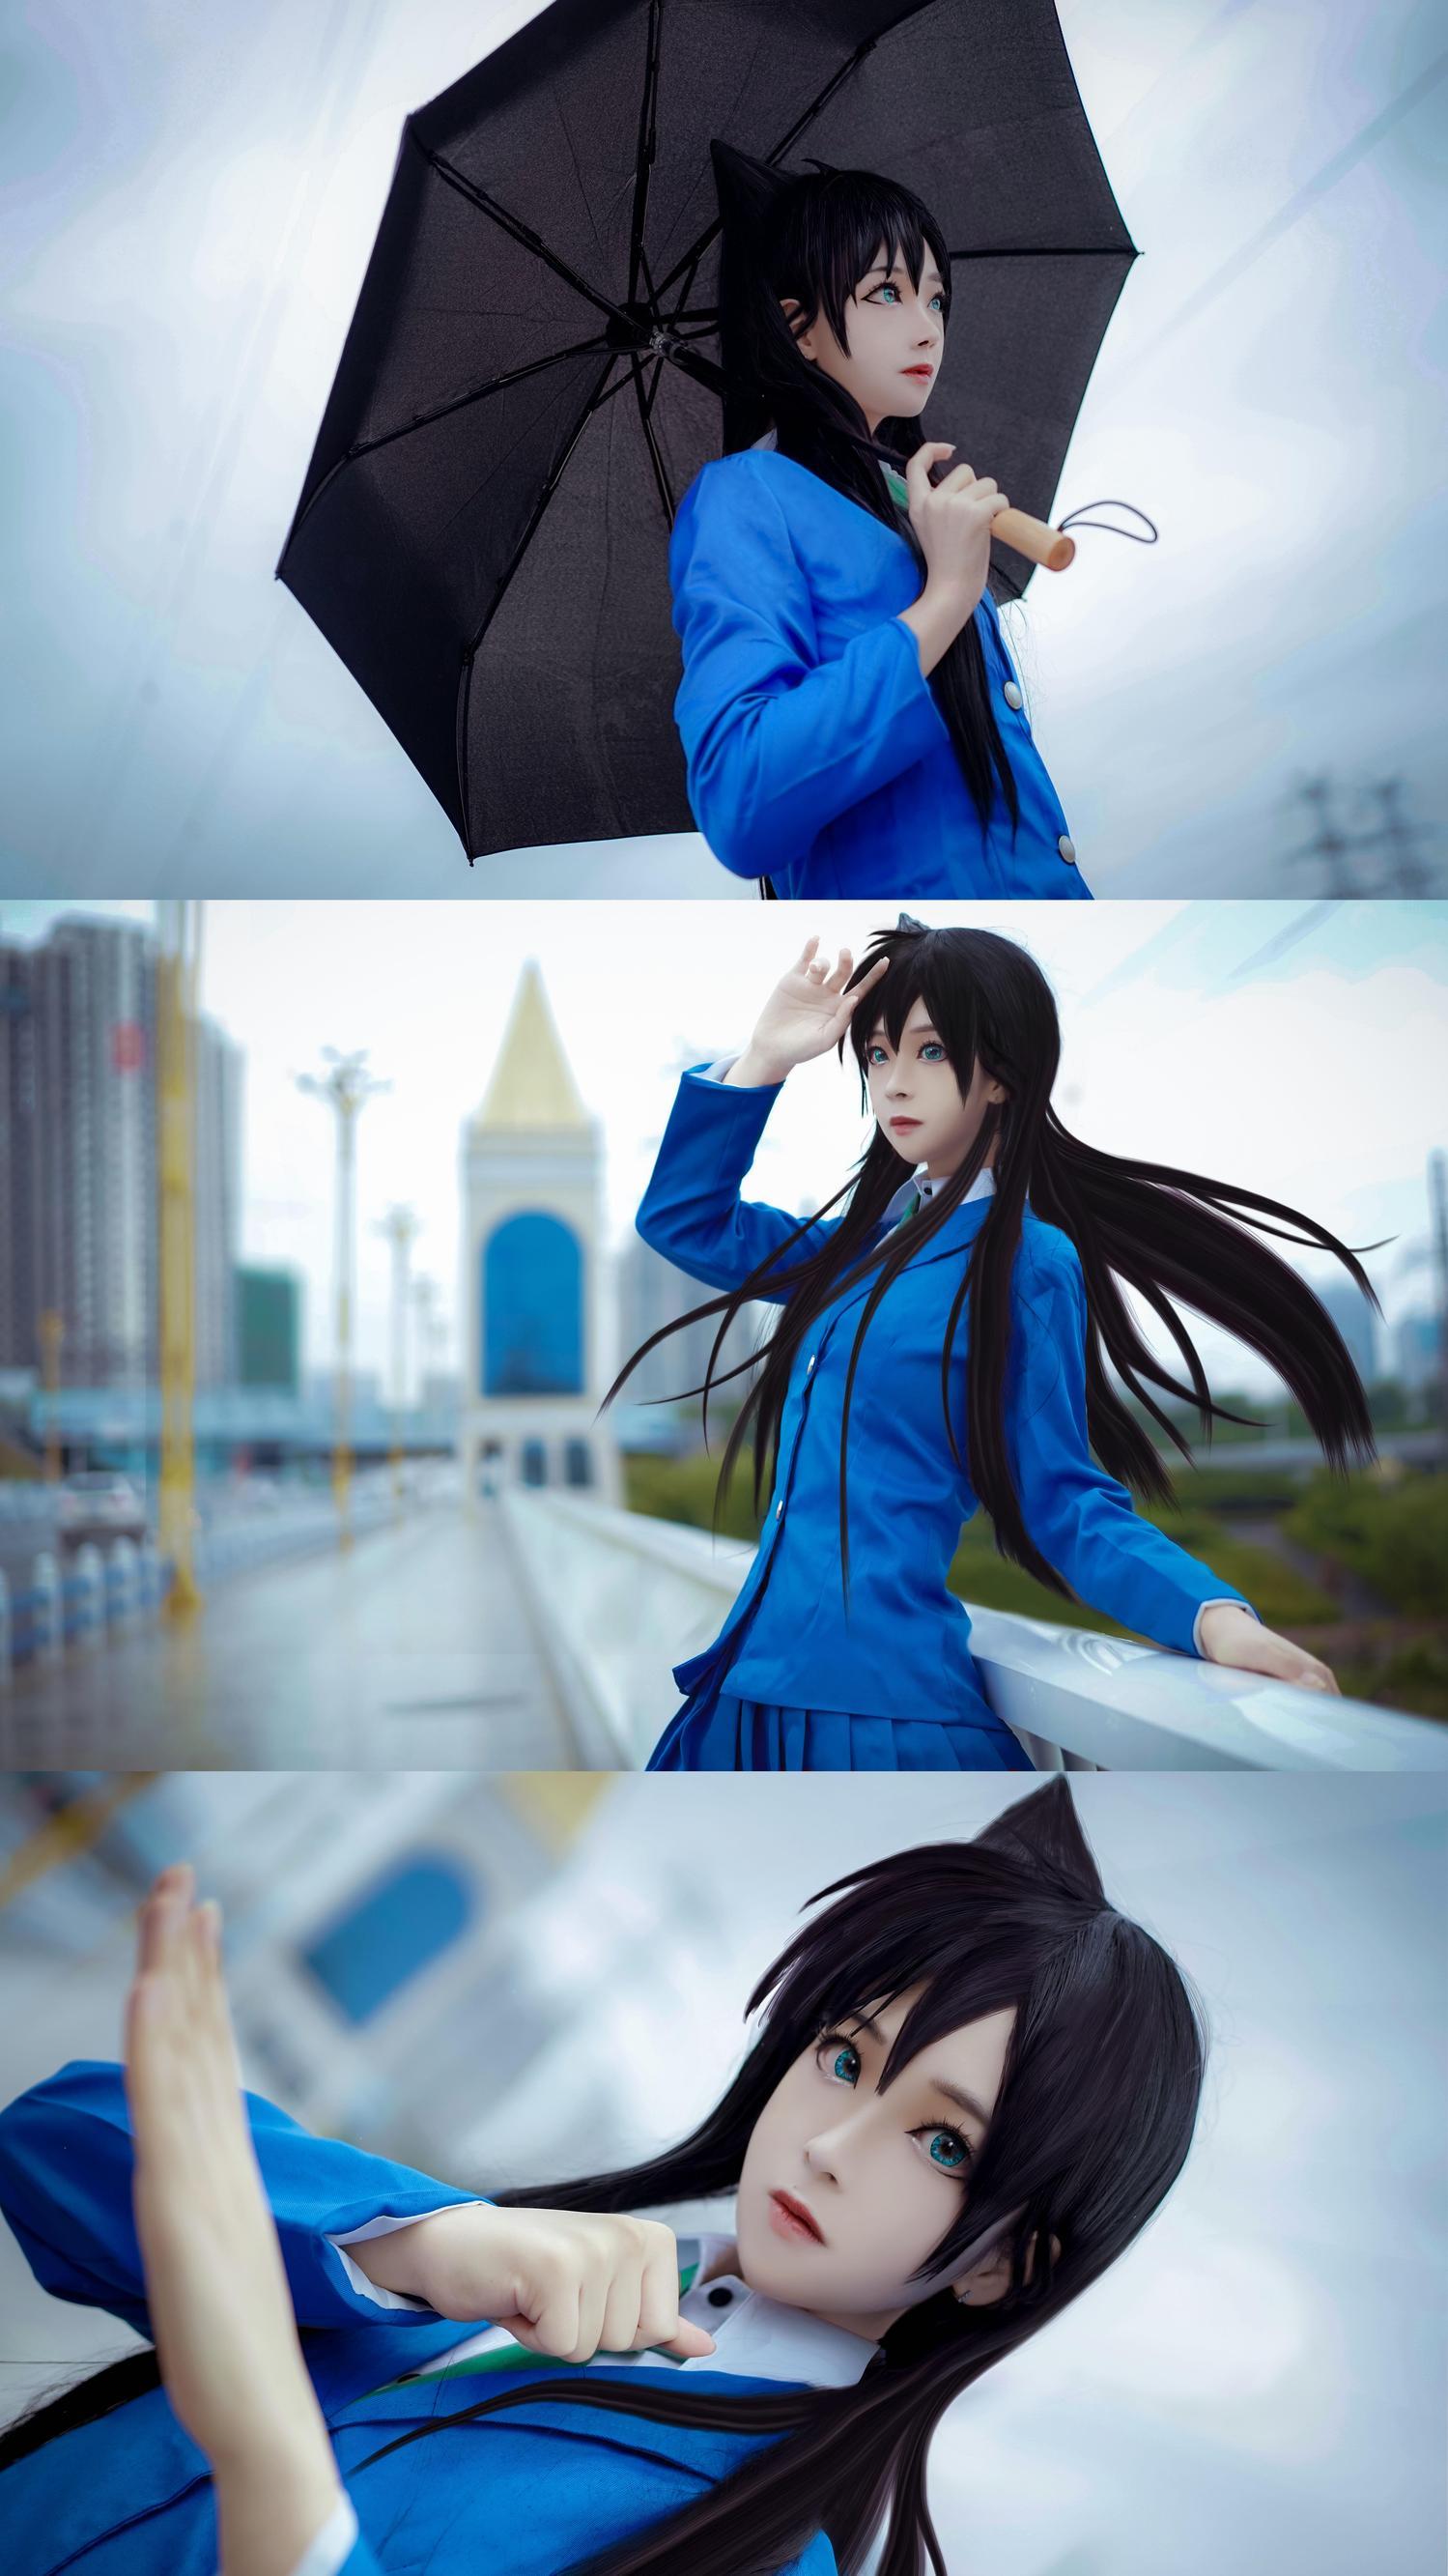 《名侦探柯南》毛利兰cosplay【CN:鬼肆A】-第12张